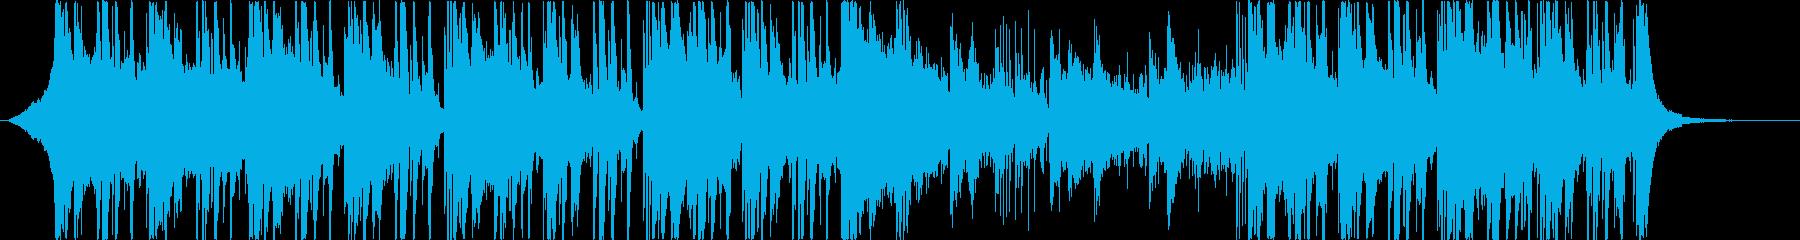 爽やかで透明感のあるエレクトロポップの再生済みの波形